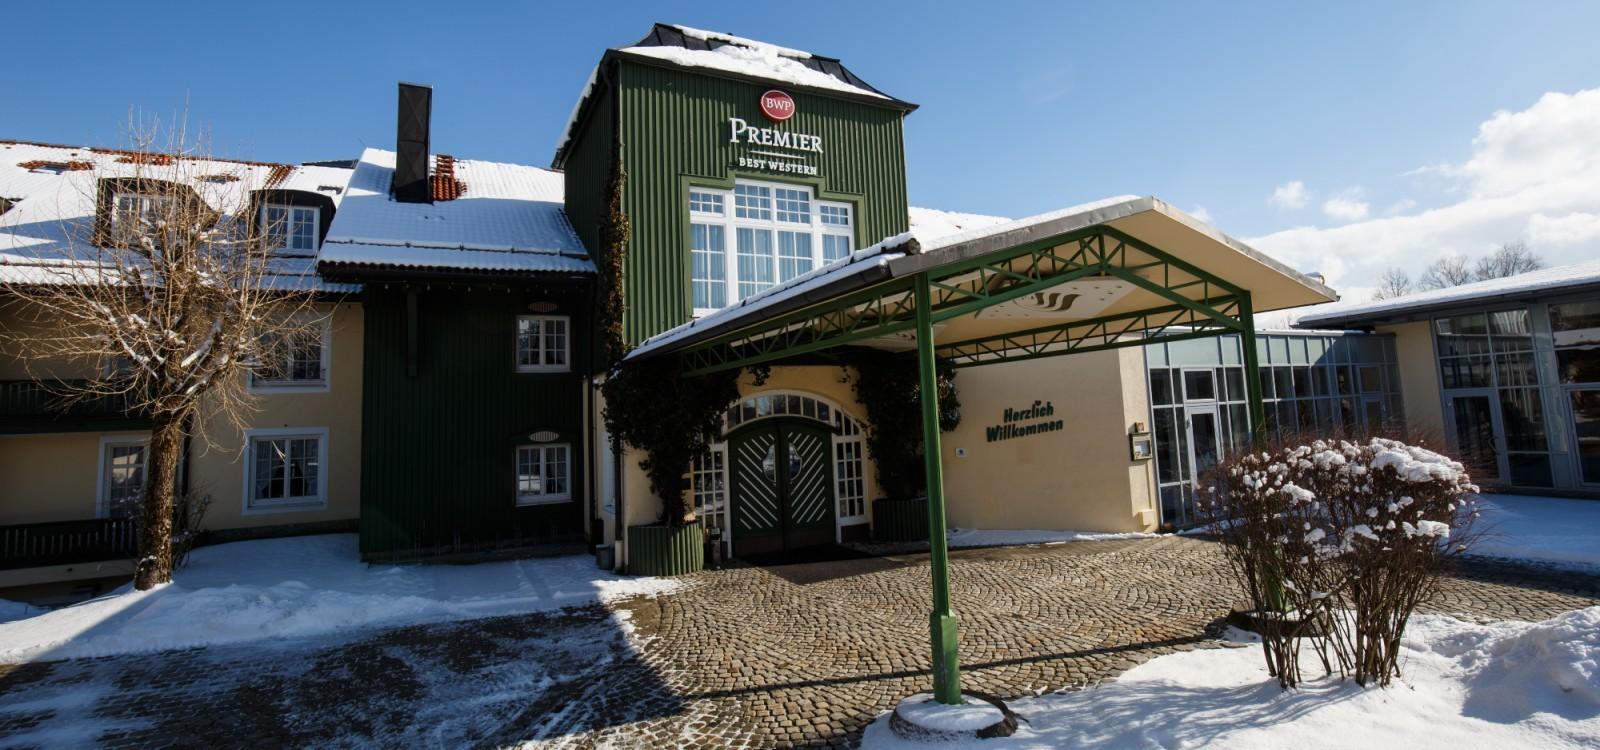 Bayerischer Hof Winter